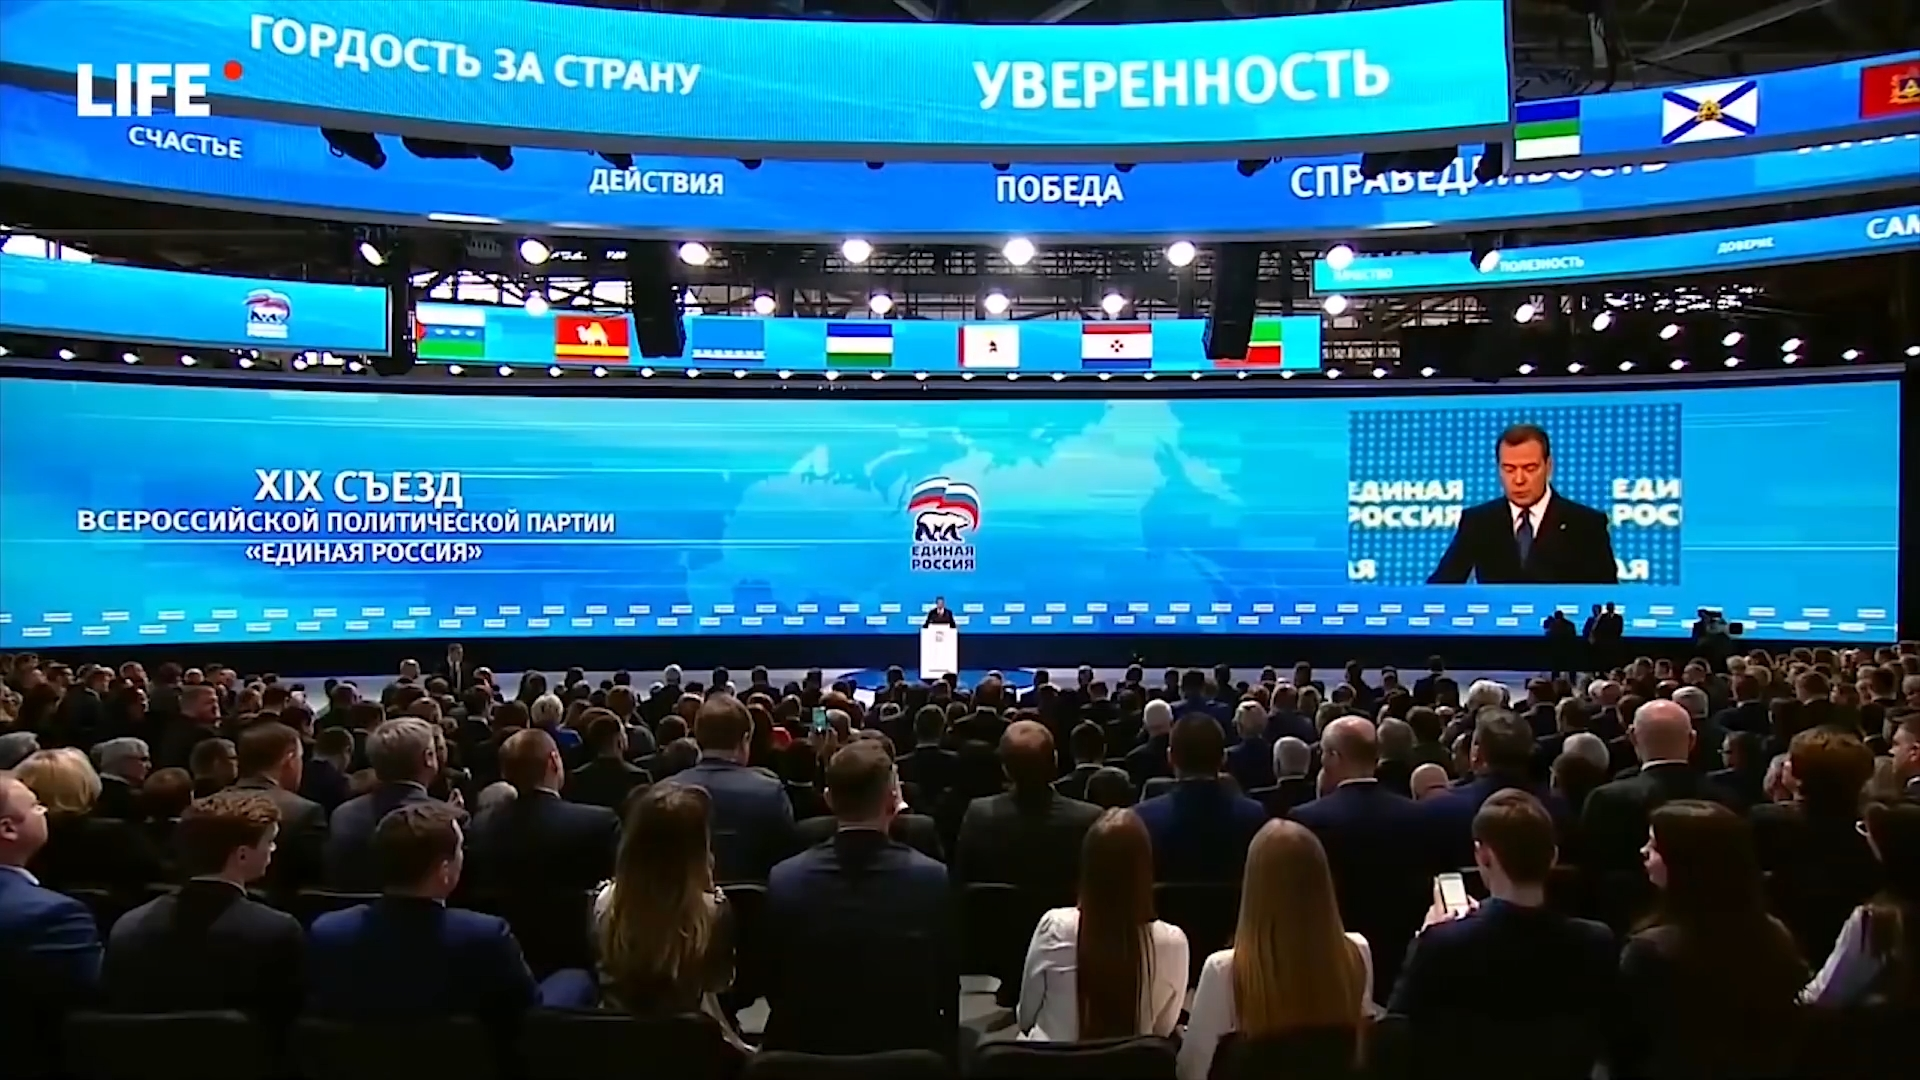 11-Популисты, патриоты и предатели. Все о съезде «Единой России»